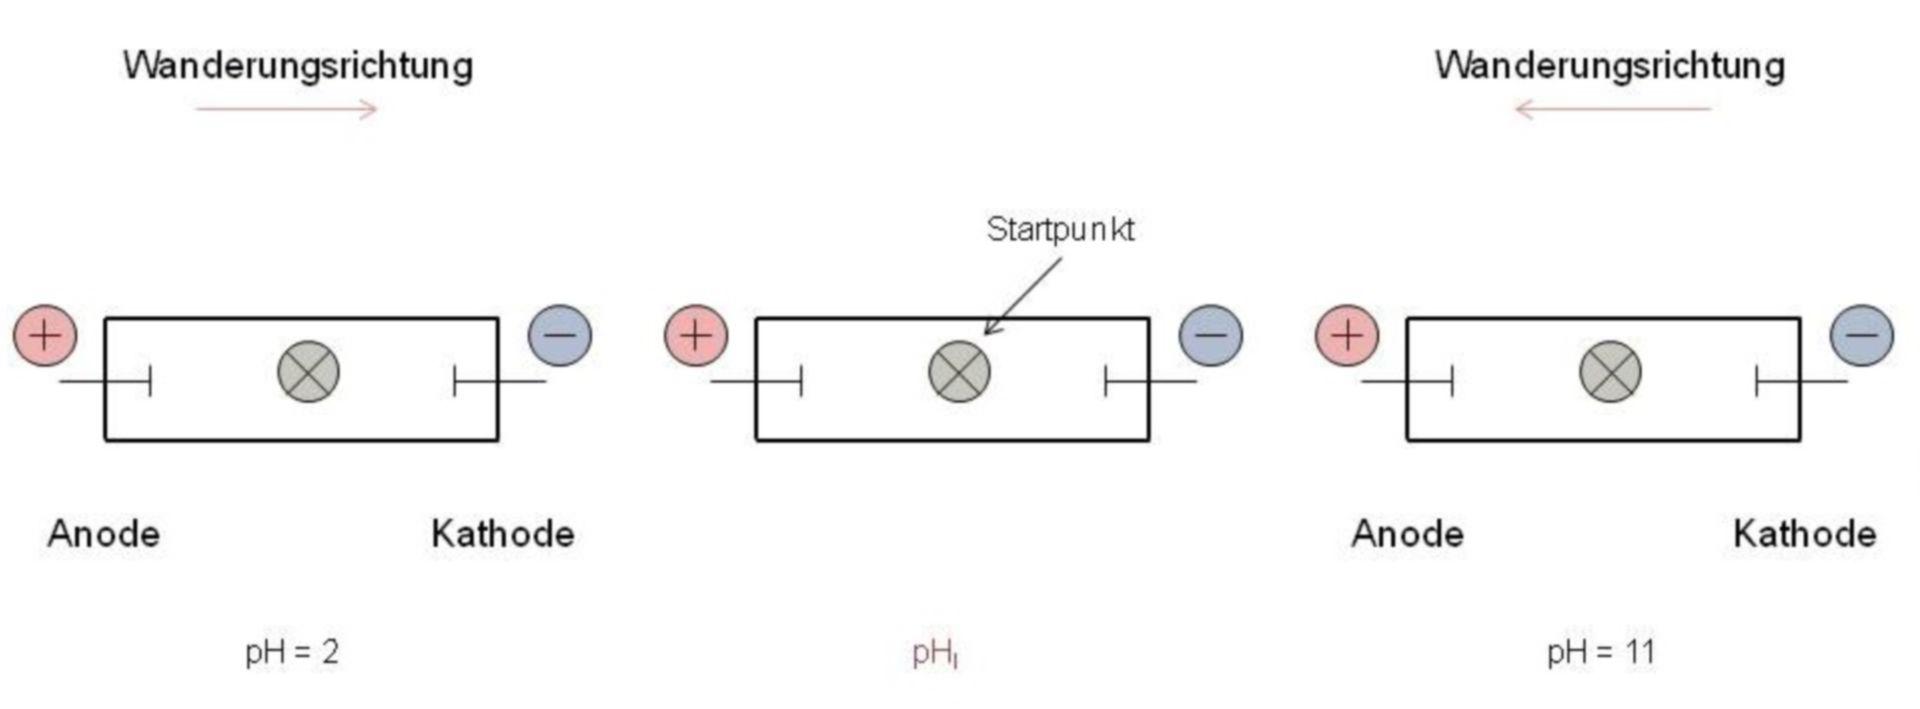 Il principio di carta elettroforesi per glicina